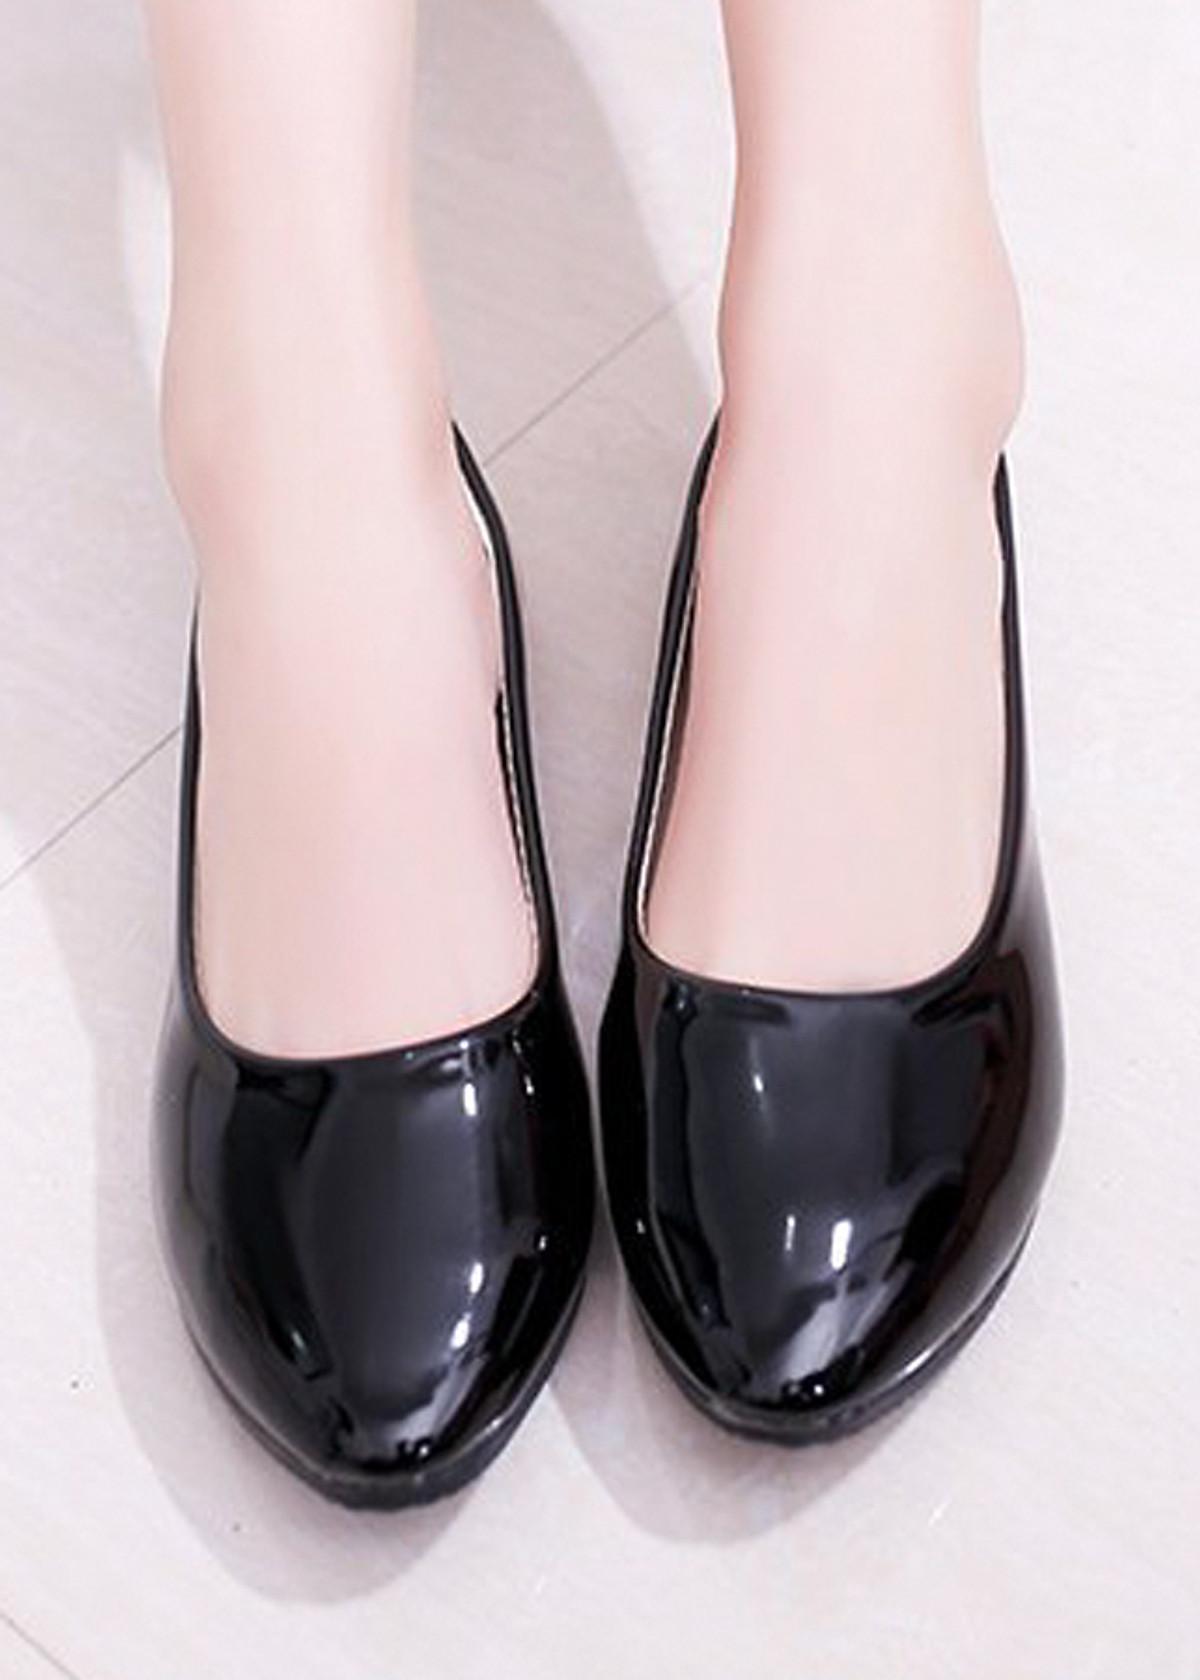 Giày búp bê da bóng mềm không đau chân , dáng chuẩn 96309 74